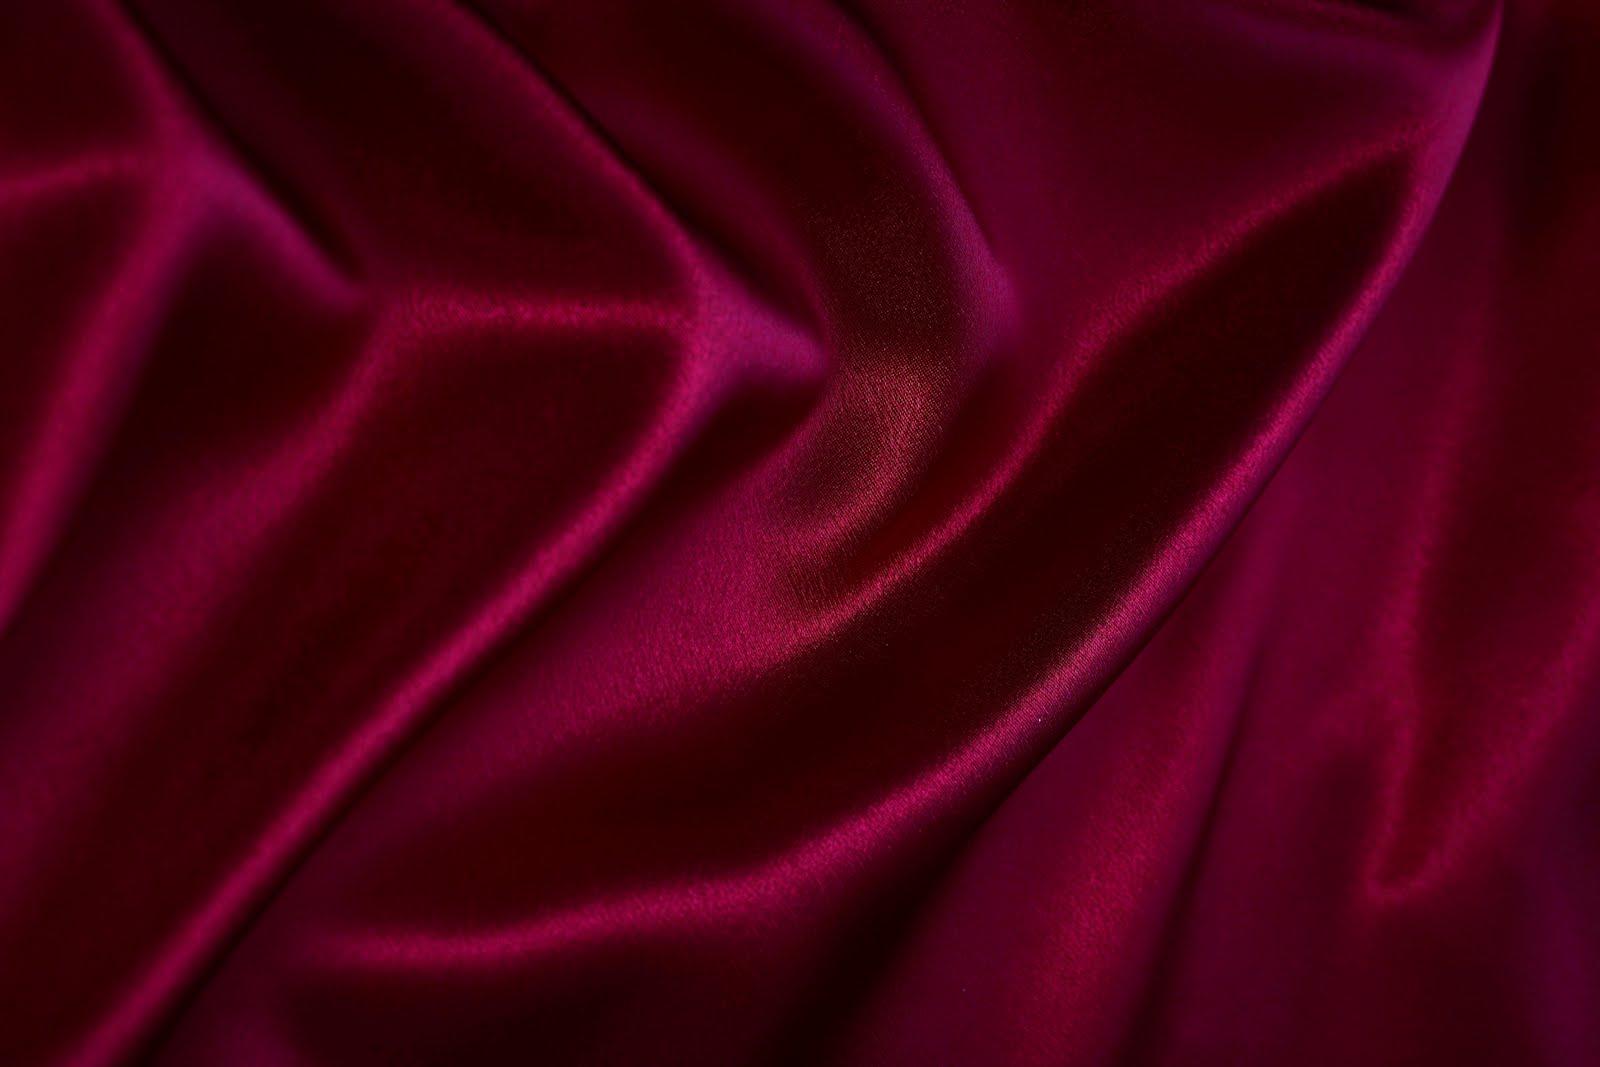 Fondos de s banas de seda de colores fondos de pantalla y mucho m s - Sabanas de seda precio ...